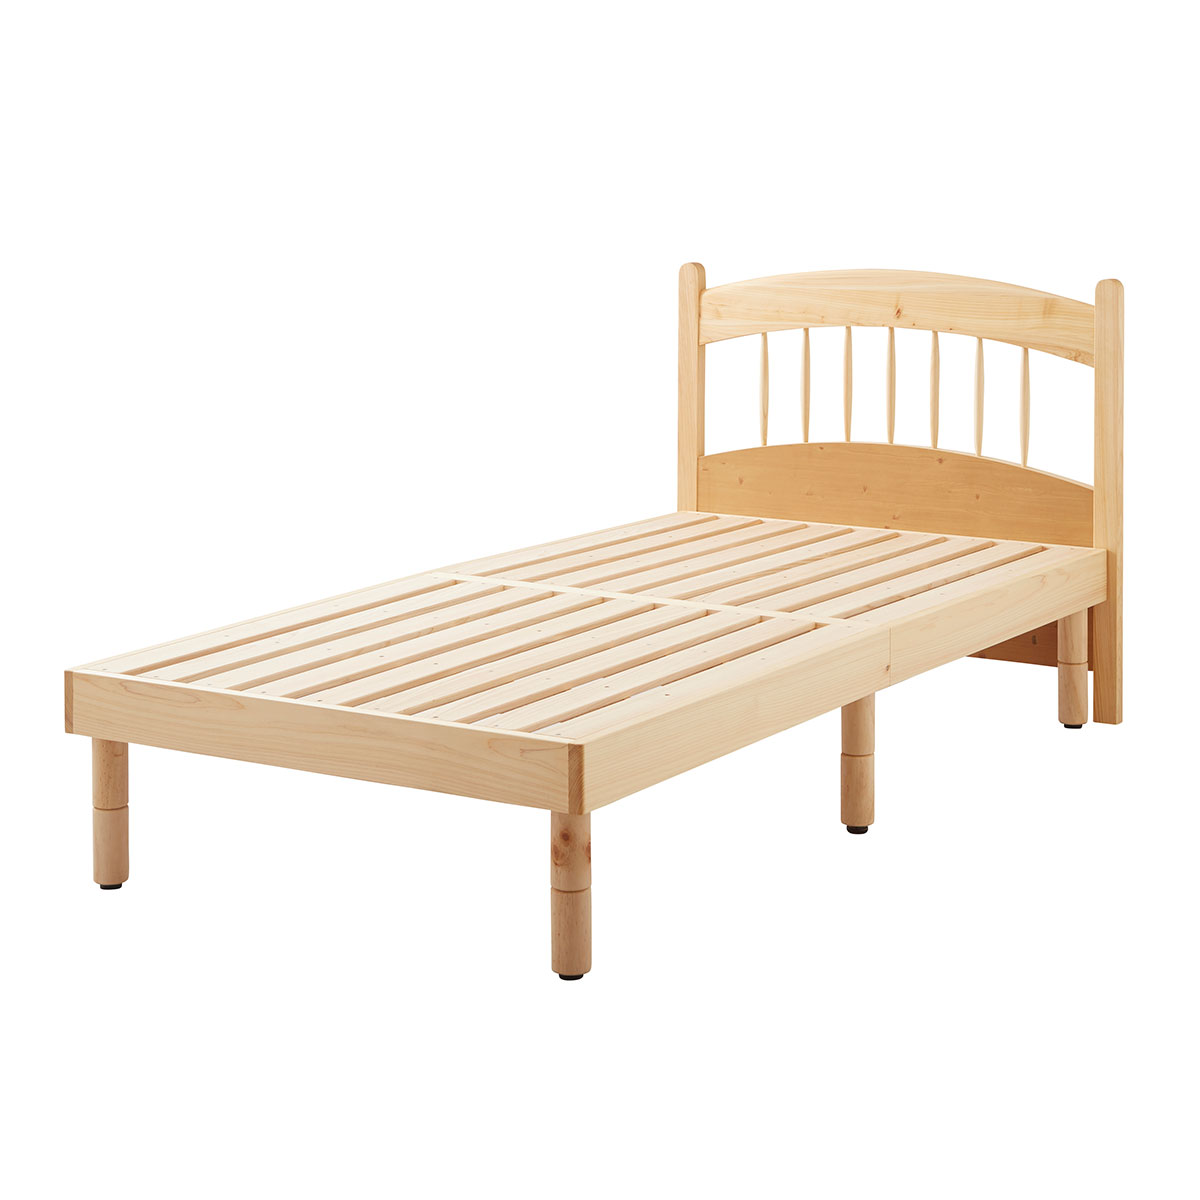 国産ヒノキ材を使用したヘッド付きシングルベッド 一人暮らしや二人暮らしに最適なサイズです 在庫限り 激OFF価格 すのこベッド ベッド シングル 頑丈 シンプル ベッドフレーム ブランド買うならブランドオフ 天然木フレーム ひのき 材 檜 桧 高さ2段階 敷布団 激安挑戦中 すのこ 高さ 木製 フロア シングルベッド 調節 脚付き ロー 天然木ベッド北欧 ローベッド Sサイズ 格子 宮付 高さ調節